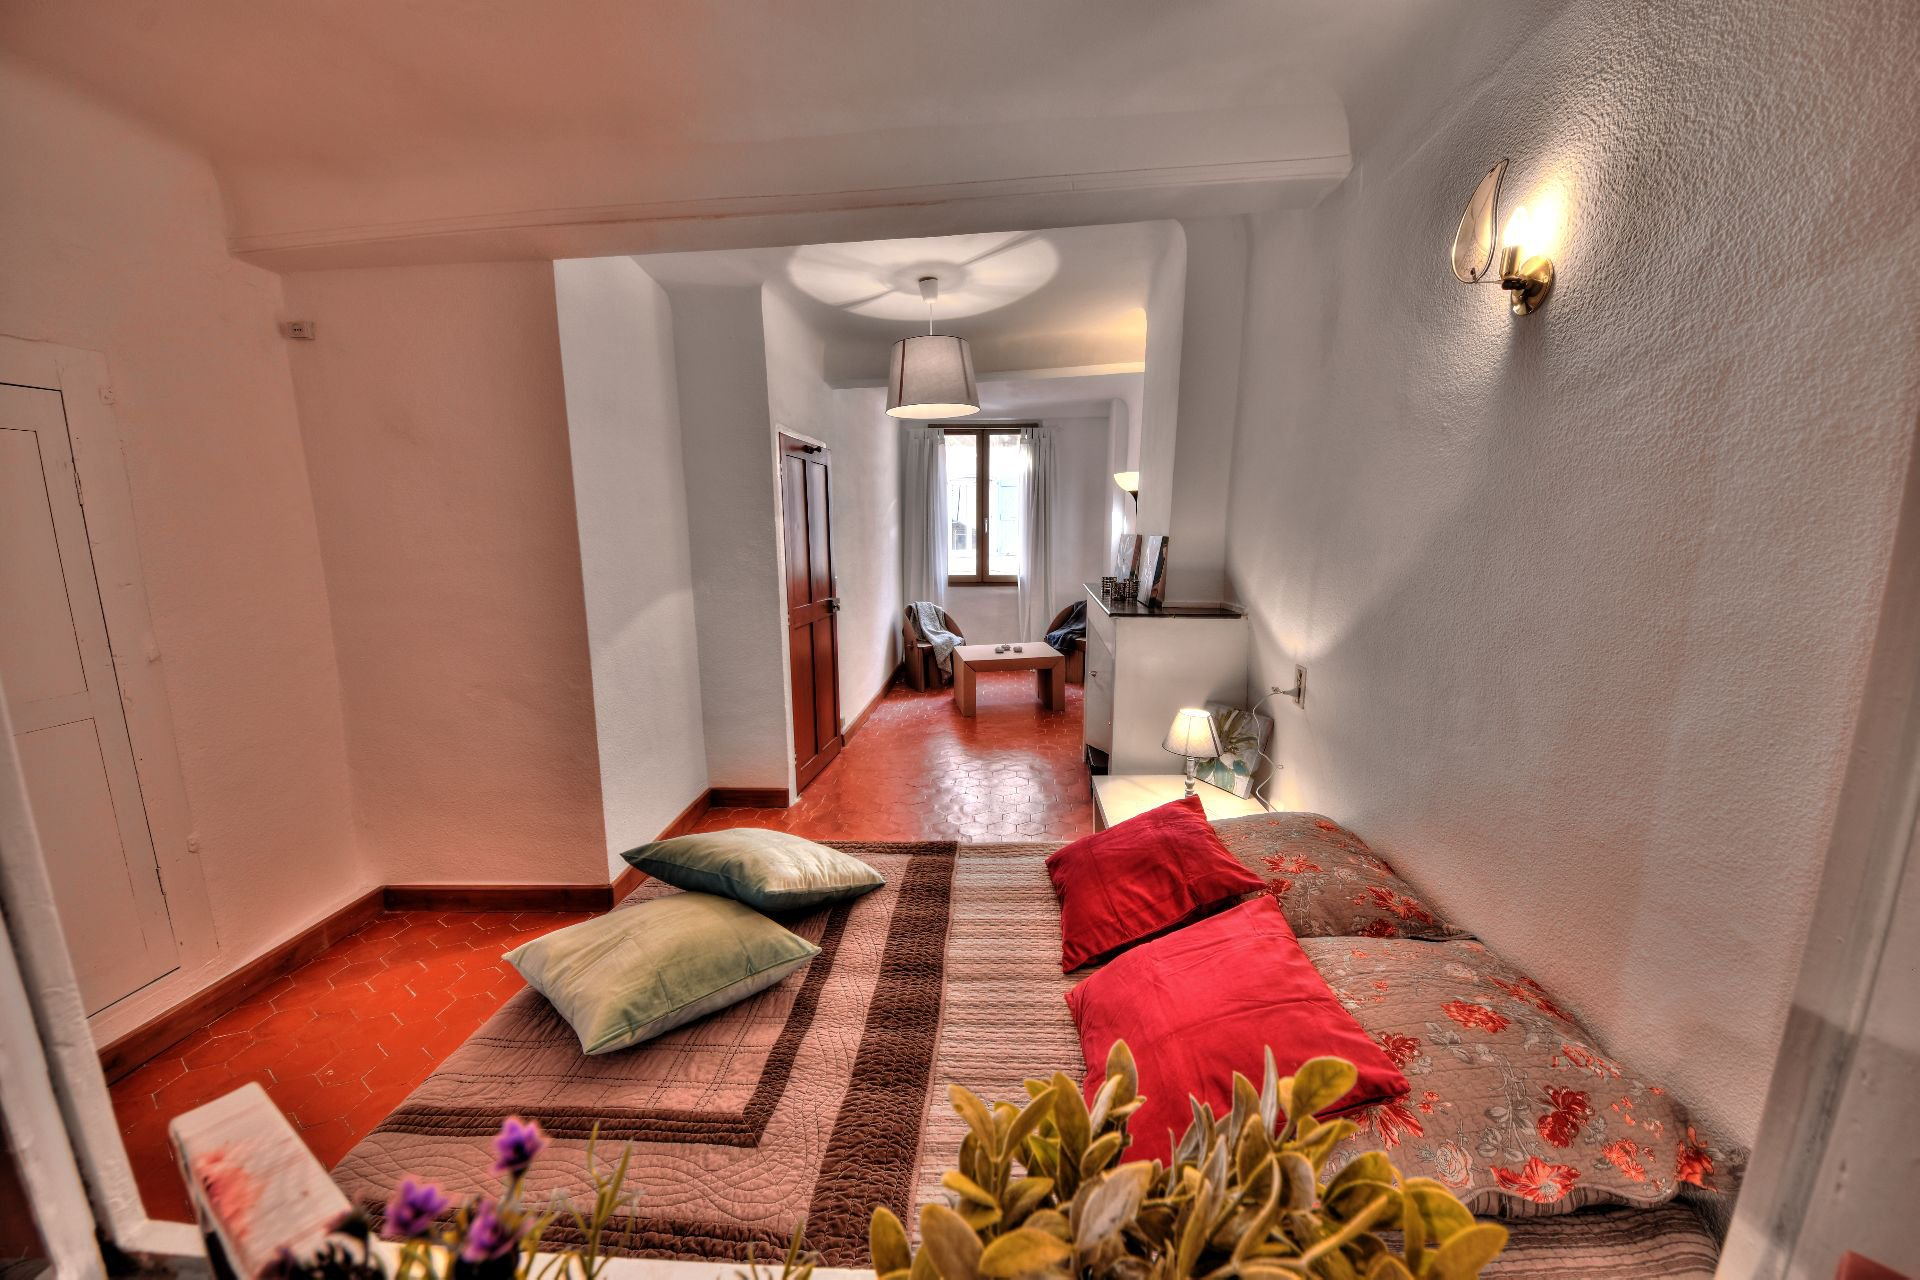 Chambre 1 de la maison de village 3 chambres, Var, Provence, Verdon